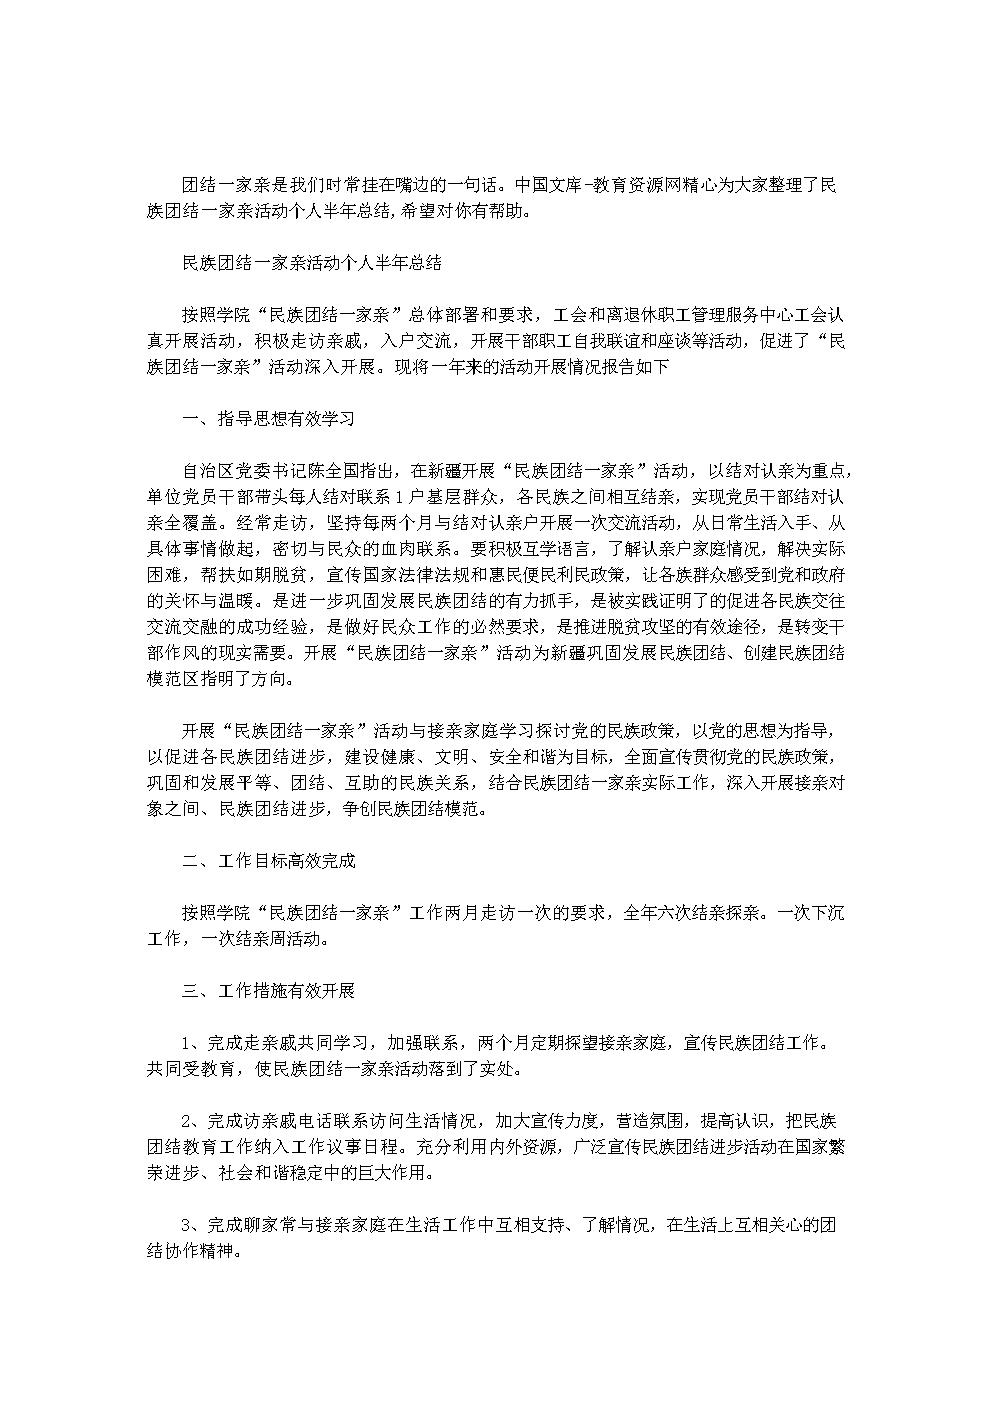 民族团结一家亲活动个人半年总结范文.doc